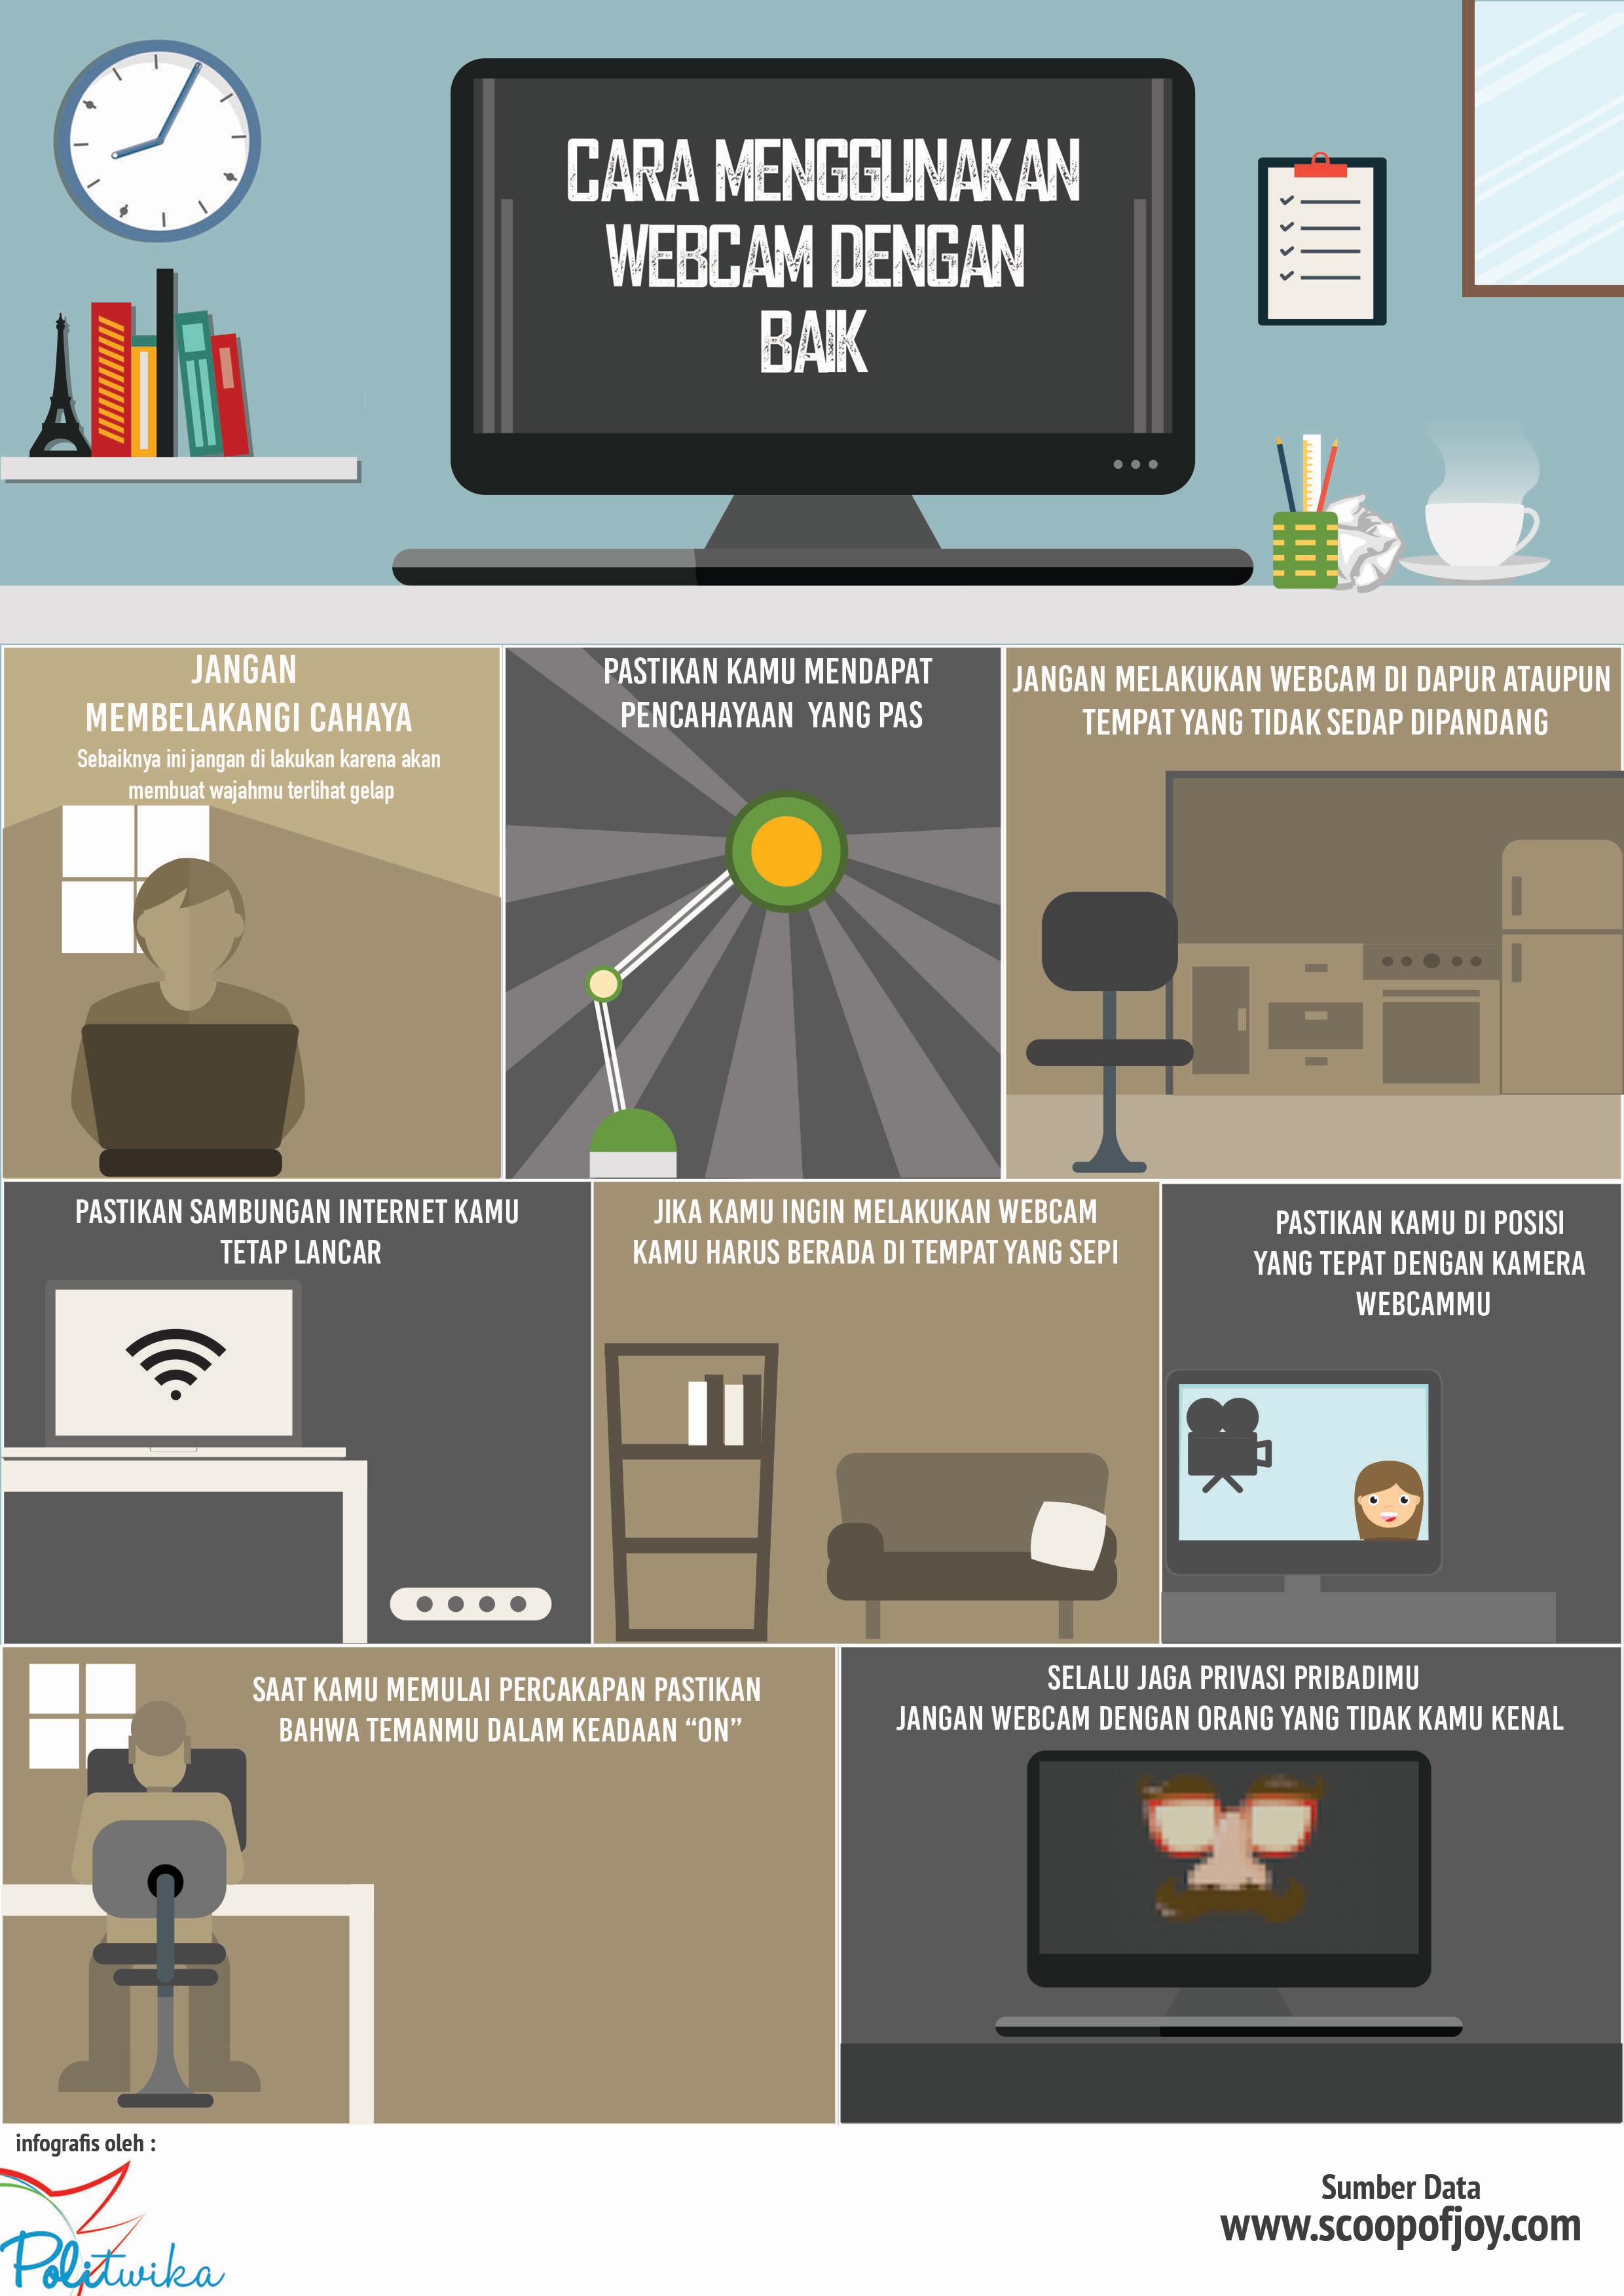 webcam-(1)